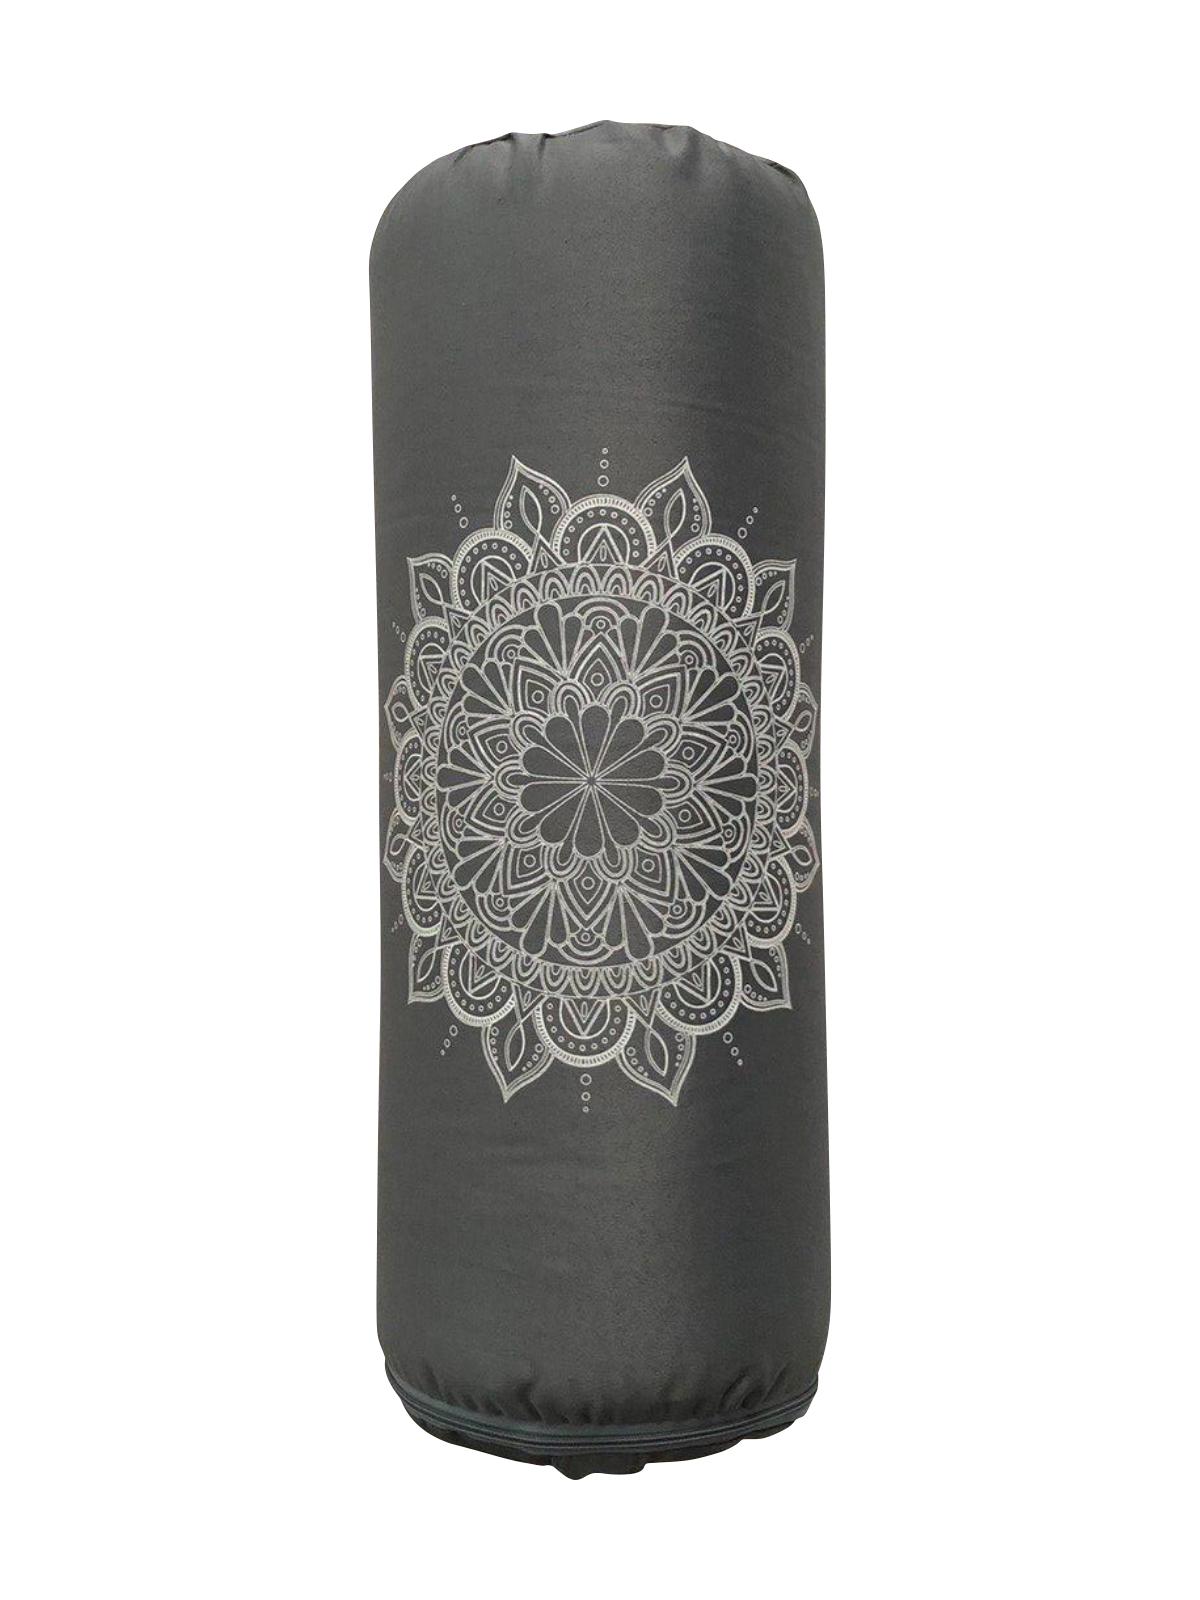 Фото - Болстер для йоги из гречихи Мандала Рамайога (5 кг, 60 см, серый) болстер для йоги айенгара шерстяной с хлопковым чехлом 75см рамайога 2 кг 75 см зеленый